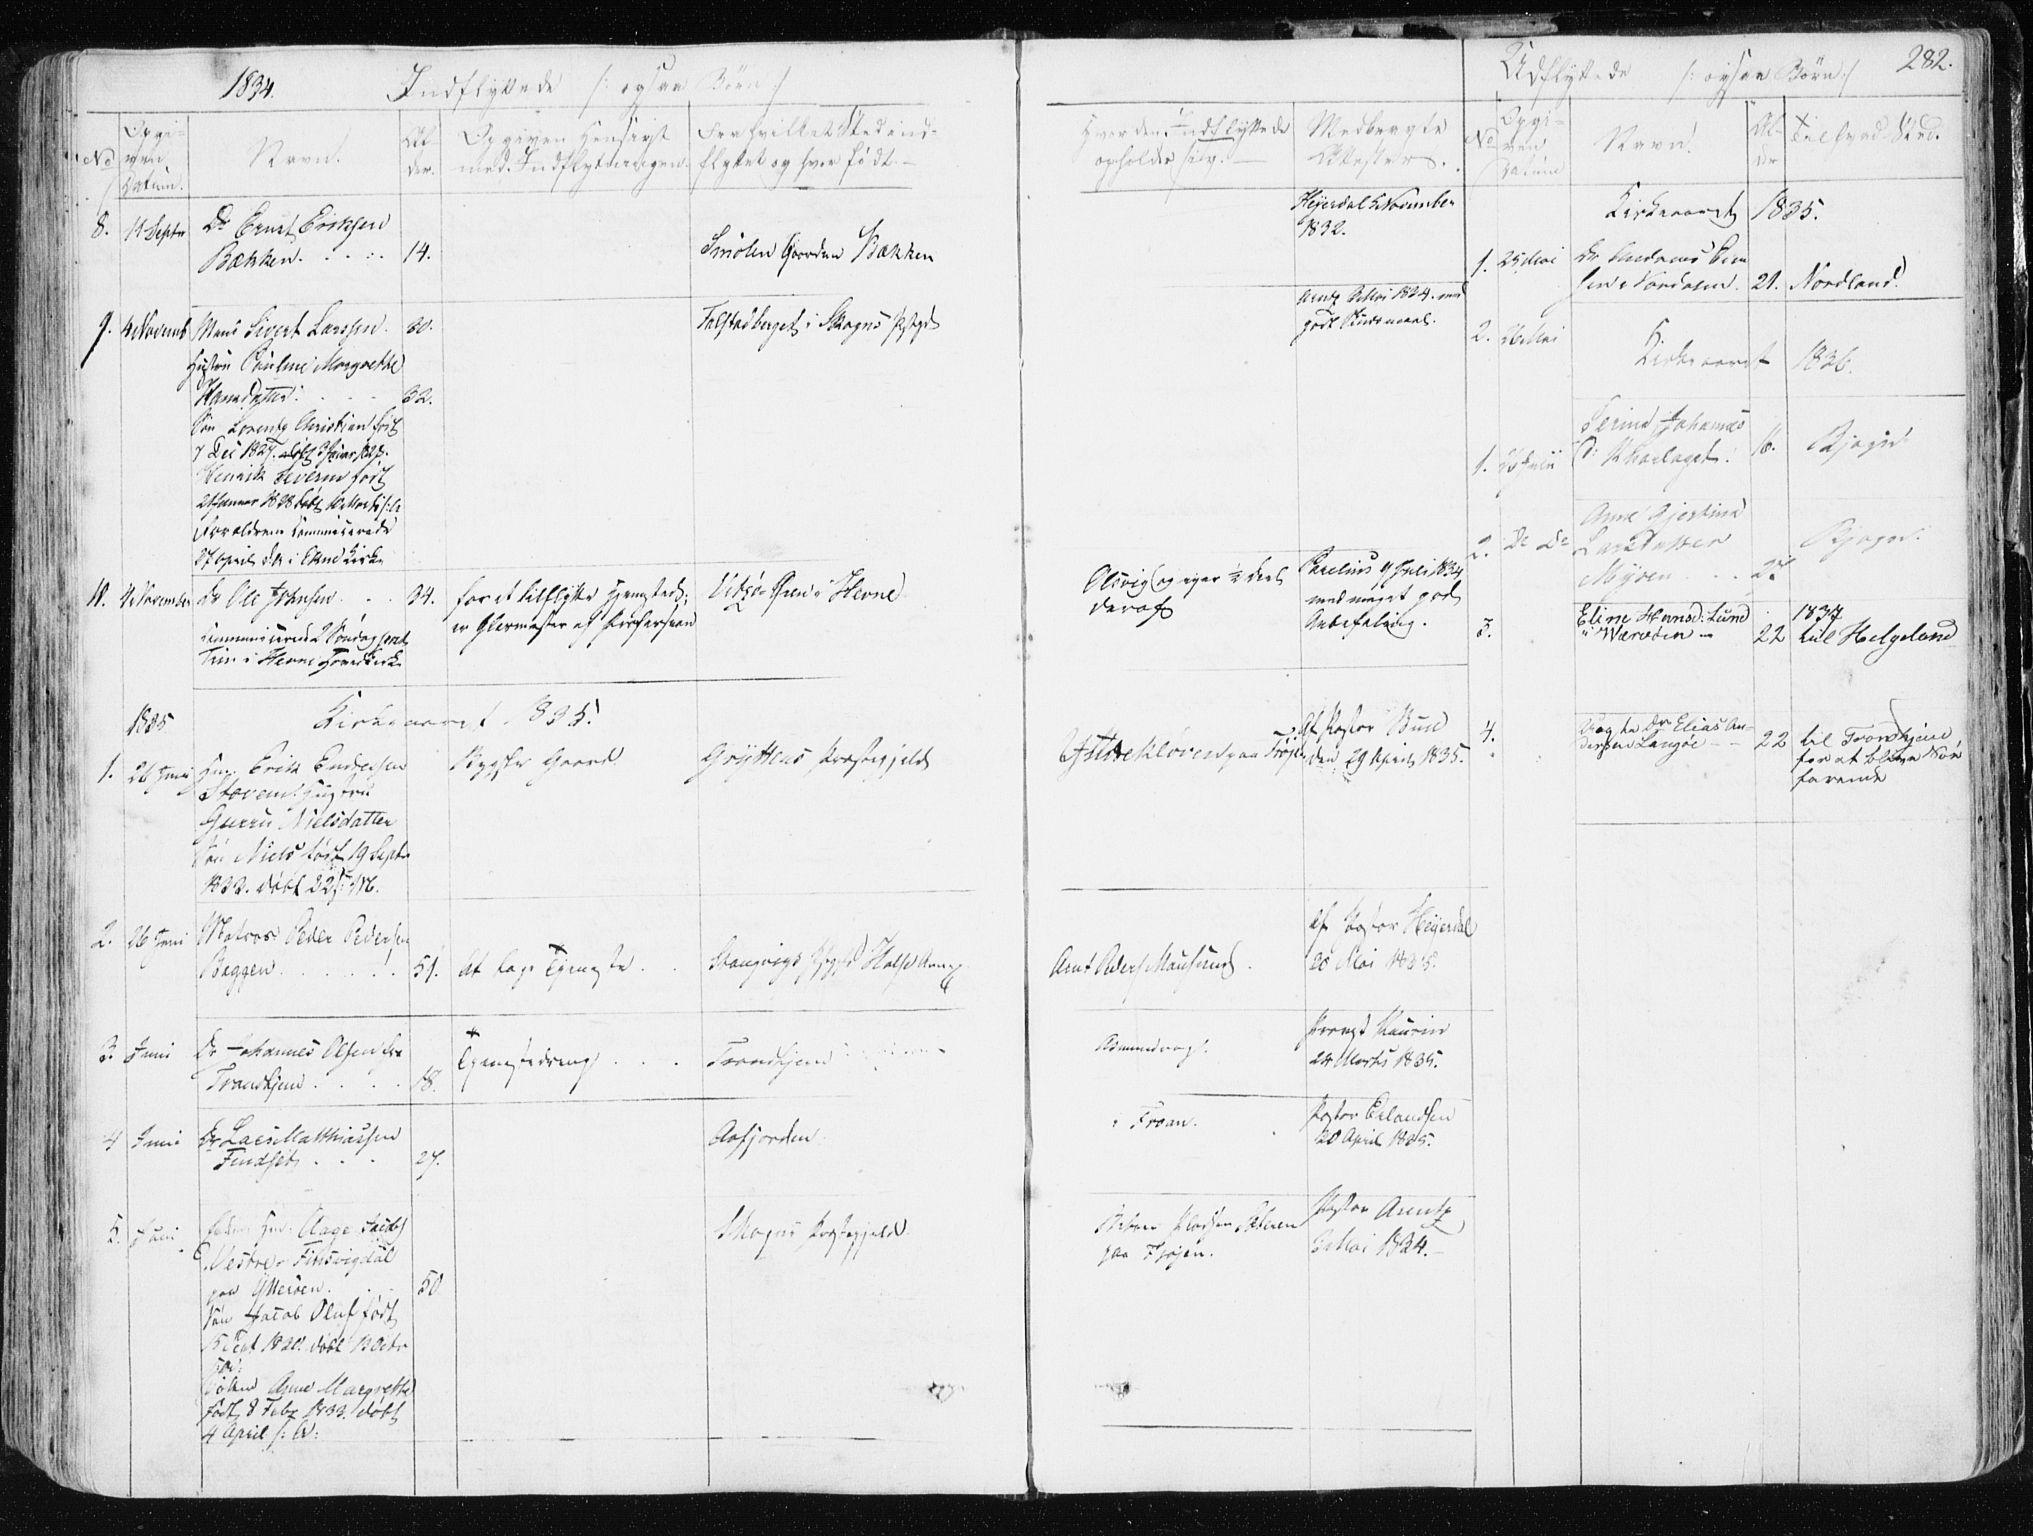 SAT, Ministerialprotokoller, klokkerbøker og fødselsregistre - Sør-Trøndelag, 634/L0528: Ministerialbok nr. 634A04, 1827-1842, s. 282